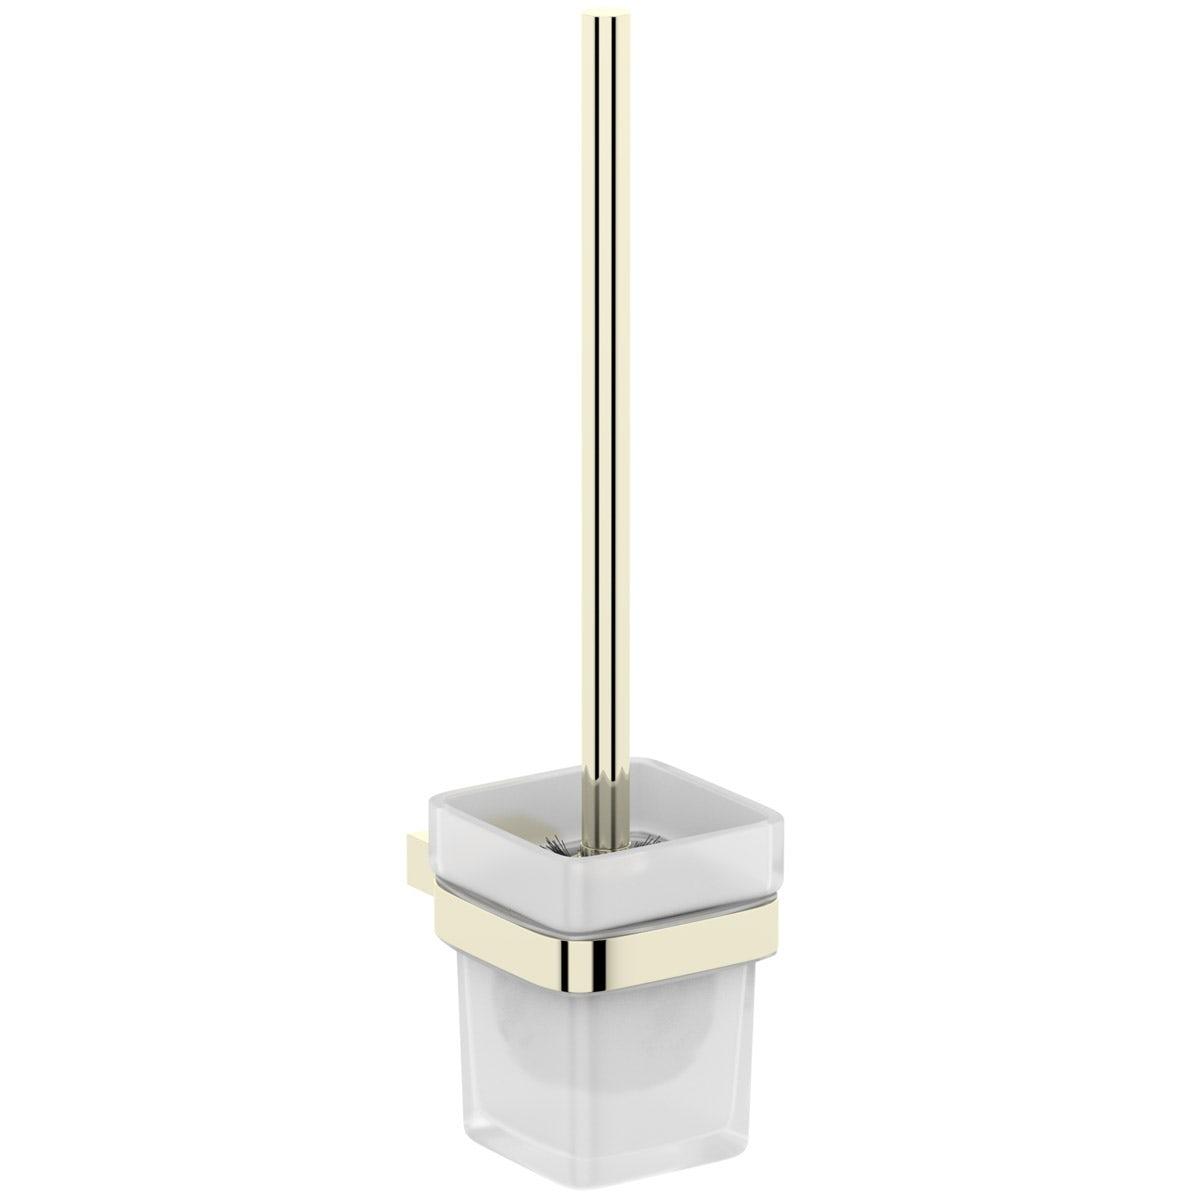 Mode Spencer gold toilet brush and holder